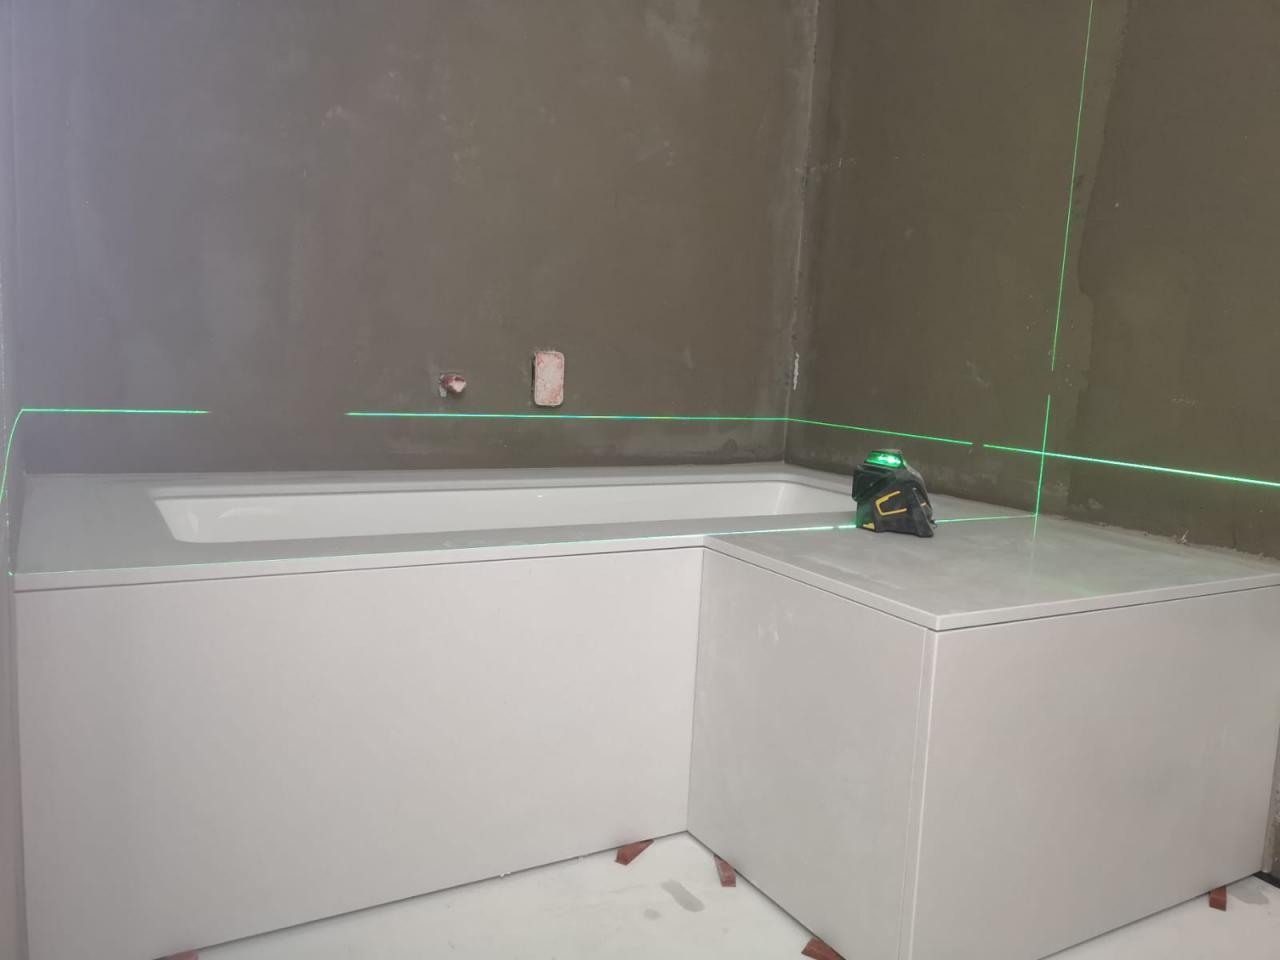 Vasca Da Bagno Angolare Misure : Vasca da bagno su misura bagno privato a vicenza fratelli